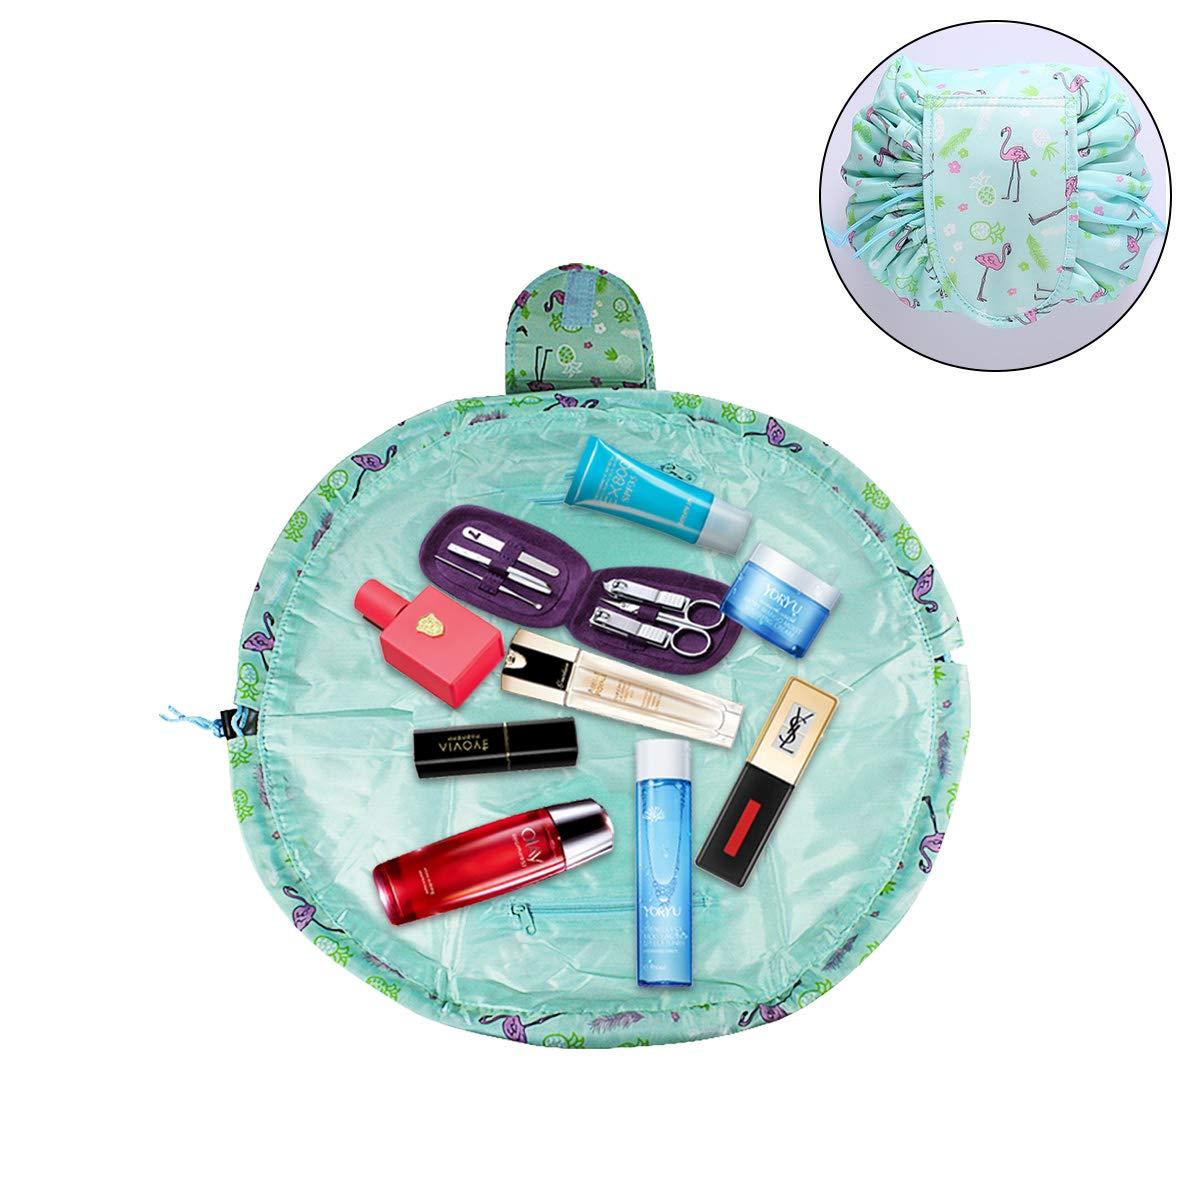 Dokpav Flamenco Bolsa de Cosméticos Maquillaje, para Señoras Perezosas, Viaje Bolsas de aseo con el lazo de la bolsa bolsa de Organizador almacenamiento de maquillaje del bolso para Viaje Diario (B)